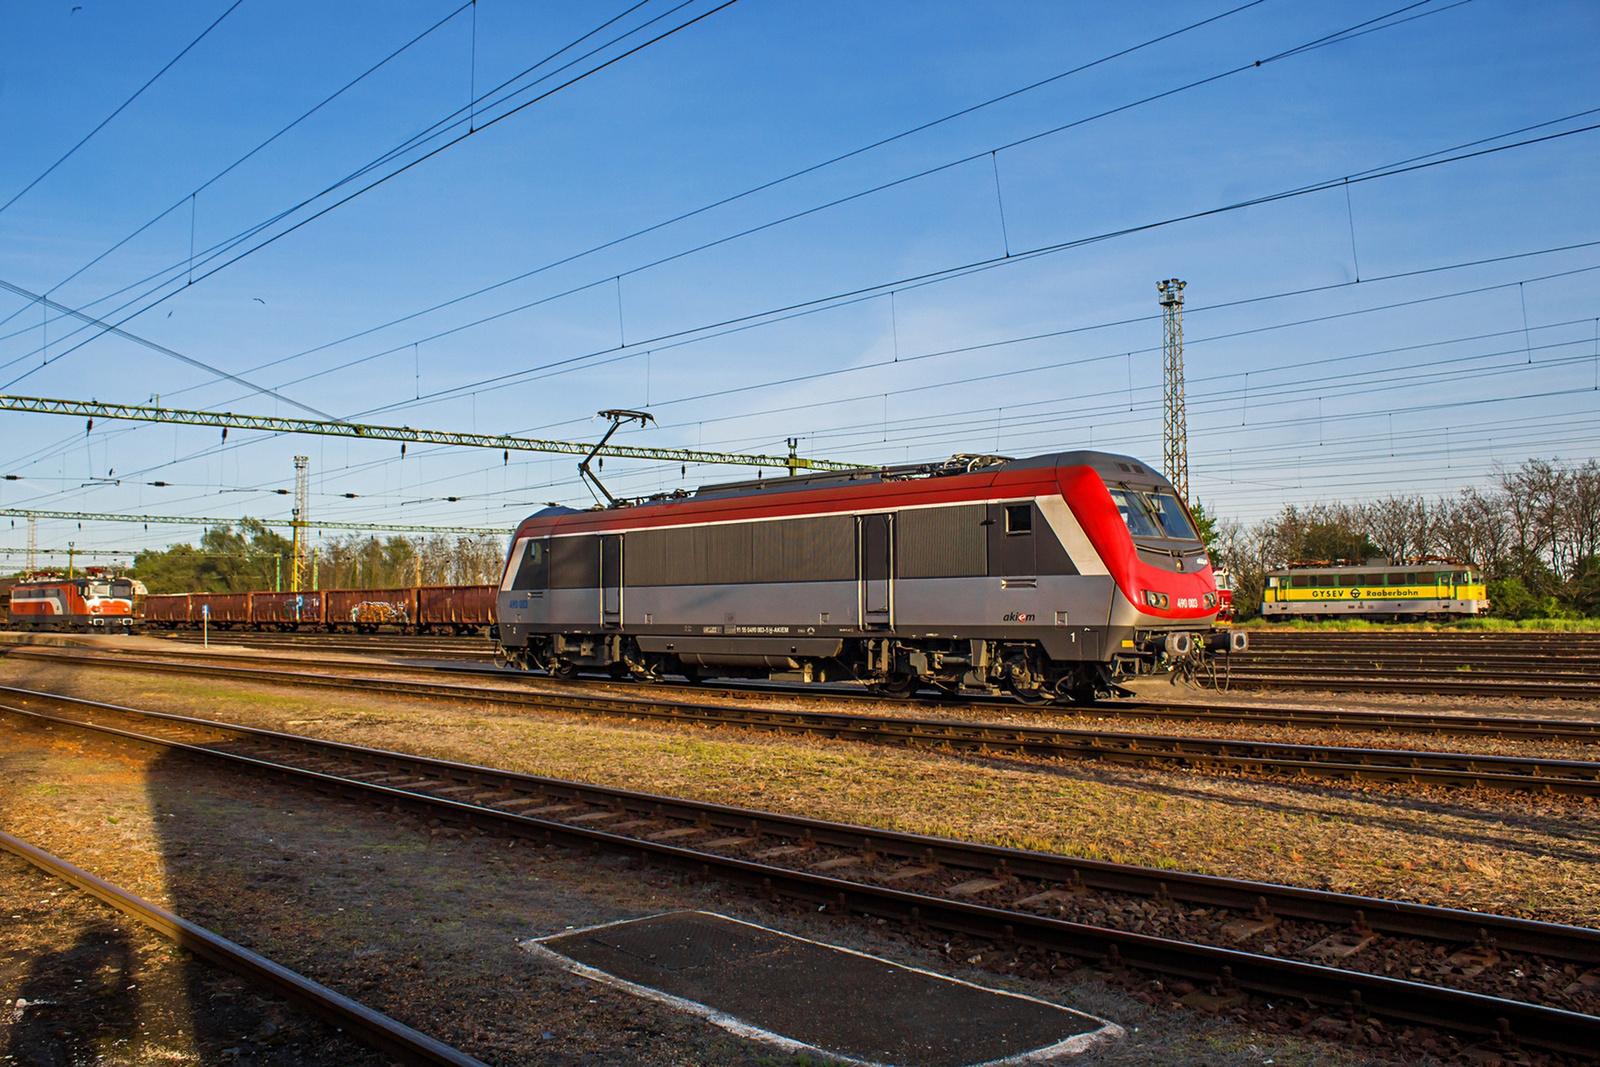 490 003 Gyékényes (2021.05.08).